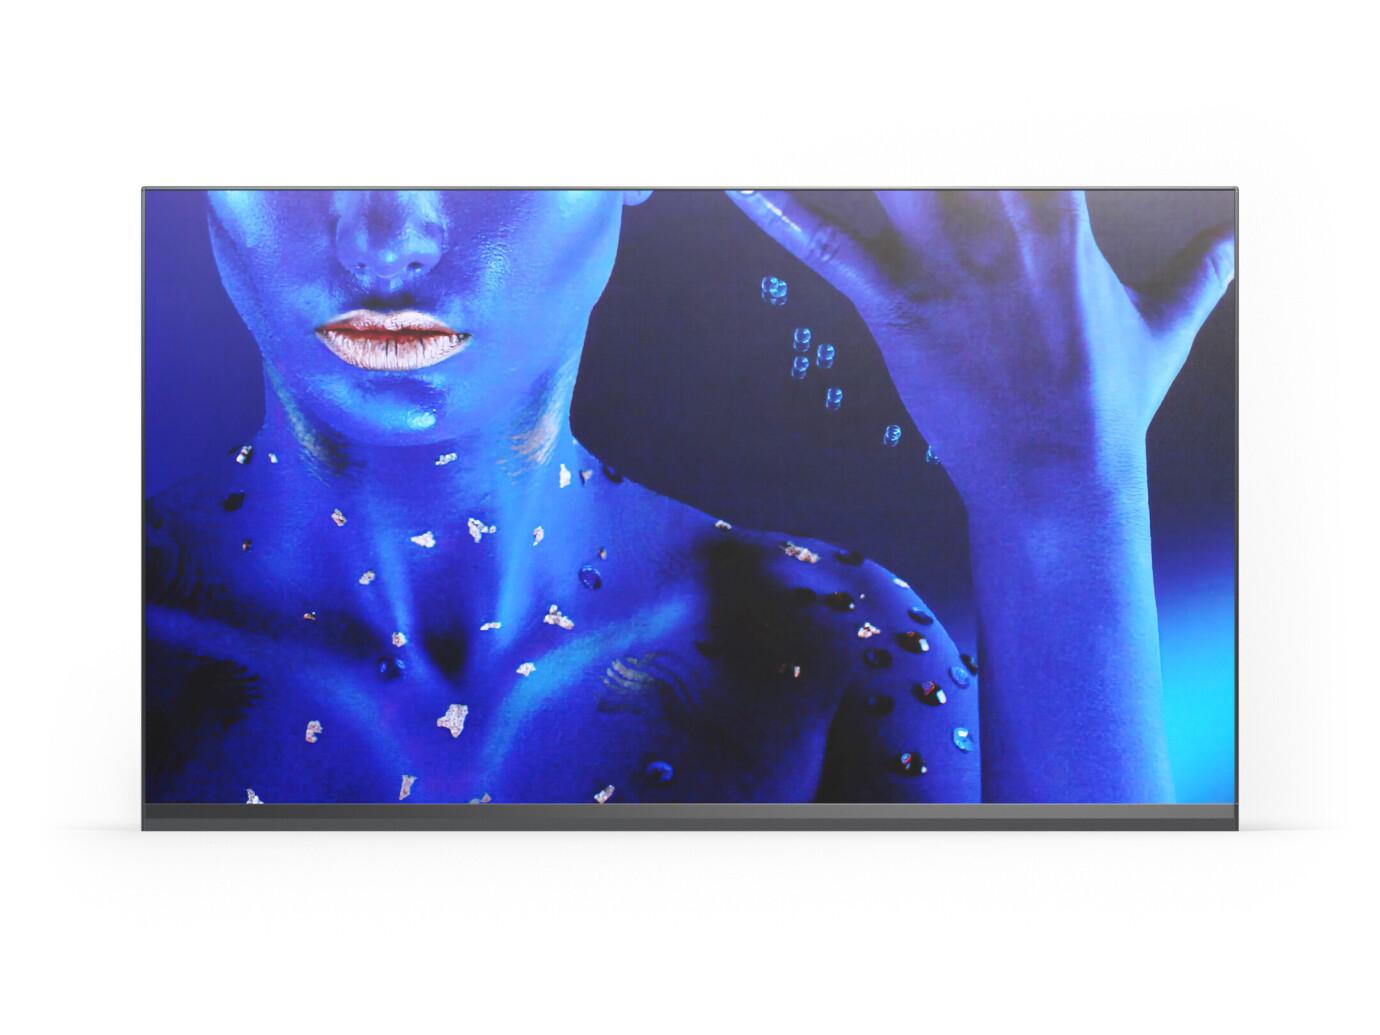 NEC LED-FA025i2-220 - Full HD Paket LED Wall 2,533mm Pixel Pitch